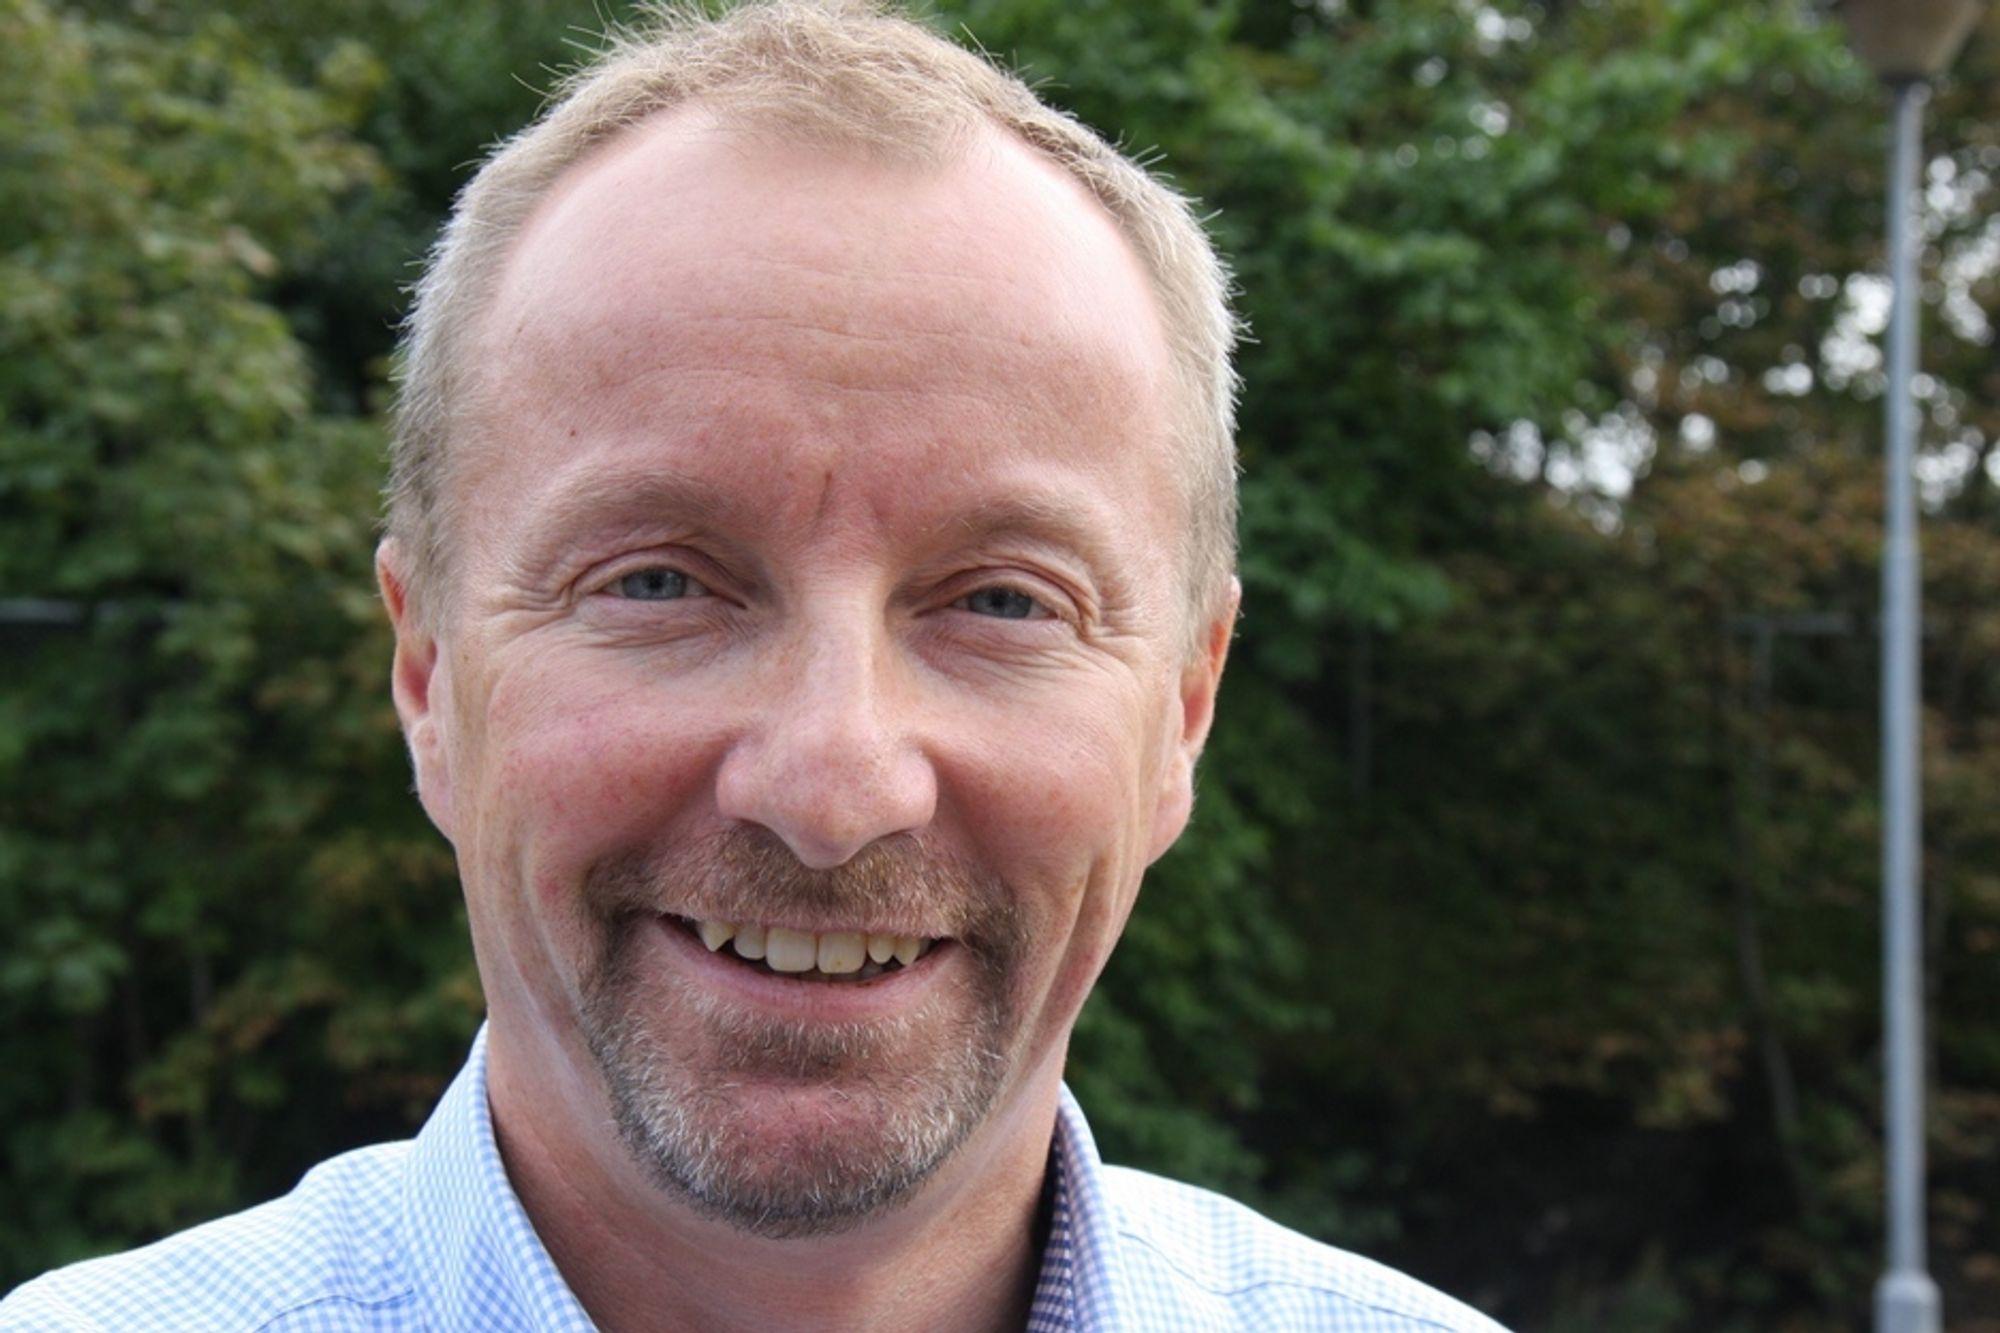 ØKER LØNNSOMHETEN: Peter Gjørup kan si seg fornøyd med økt lønnsomhet og god vekst i NCC.